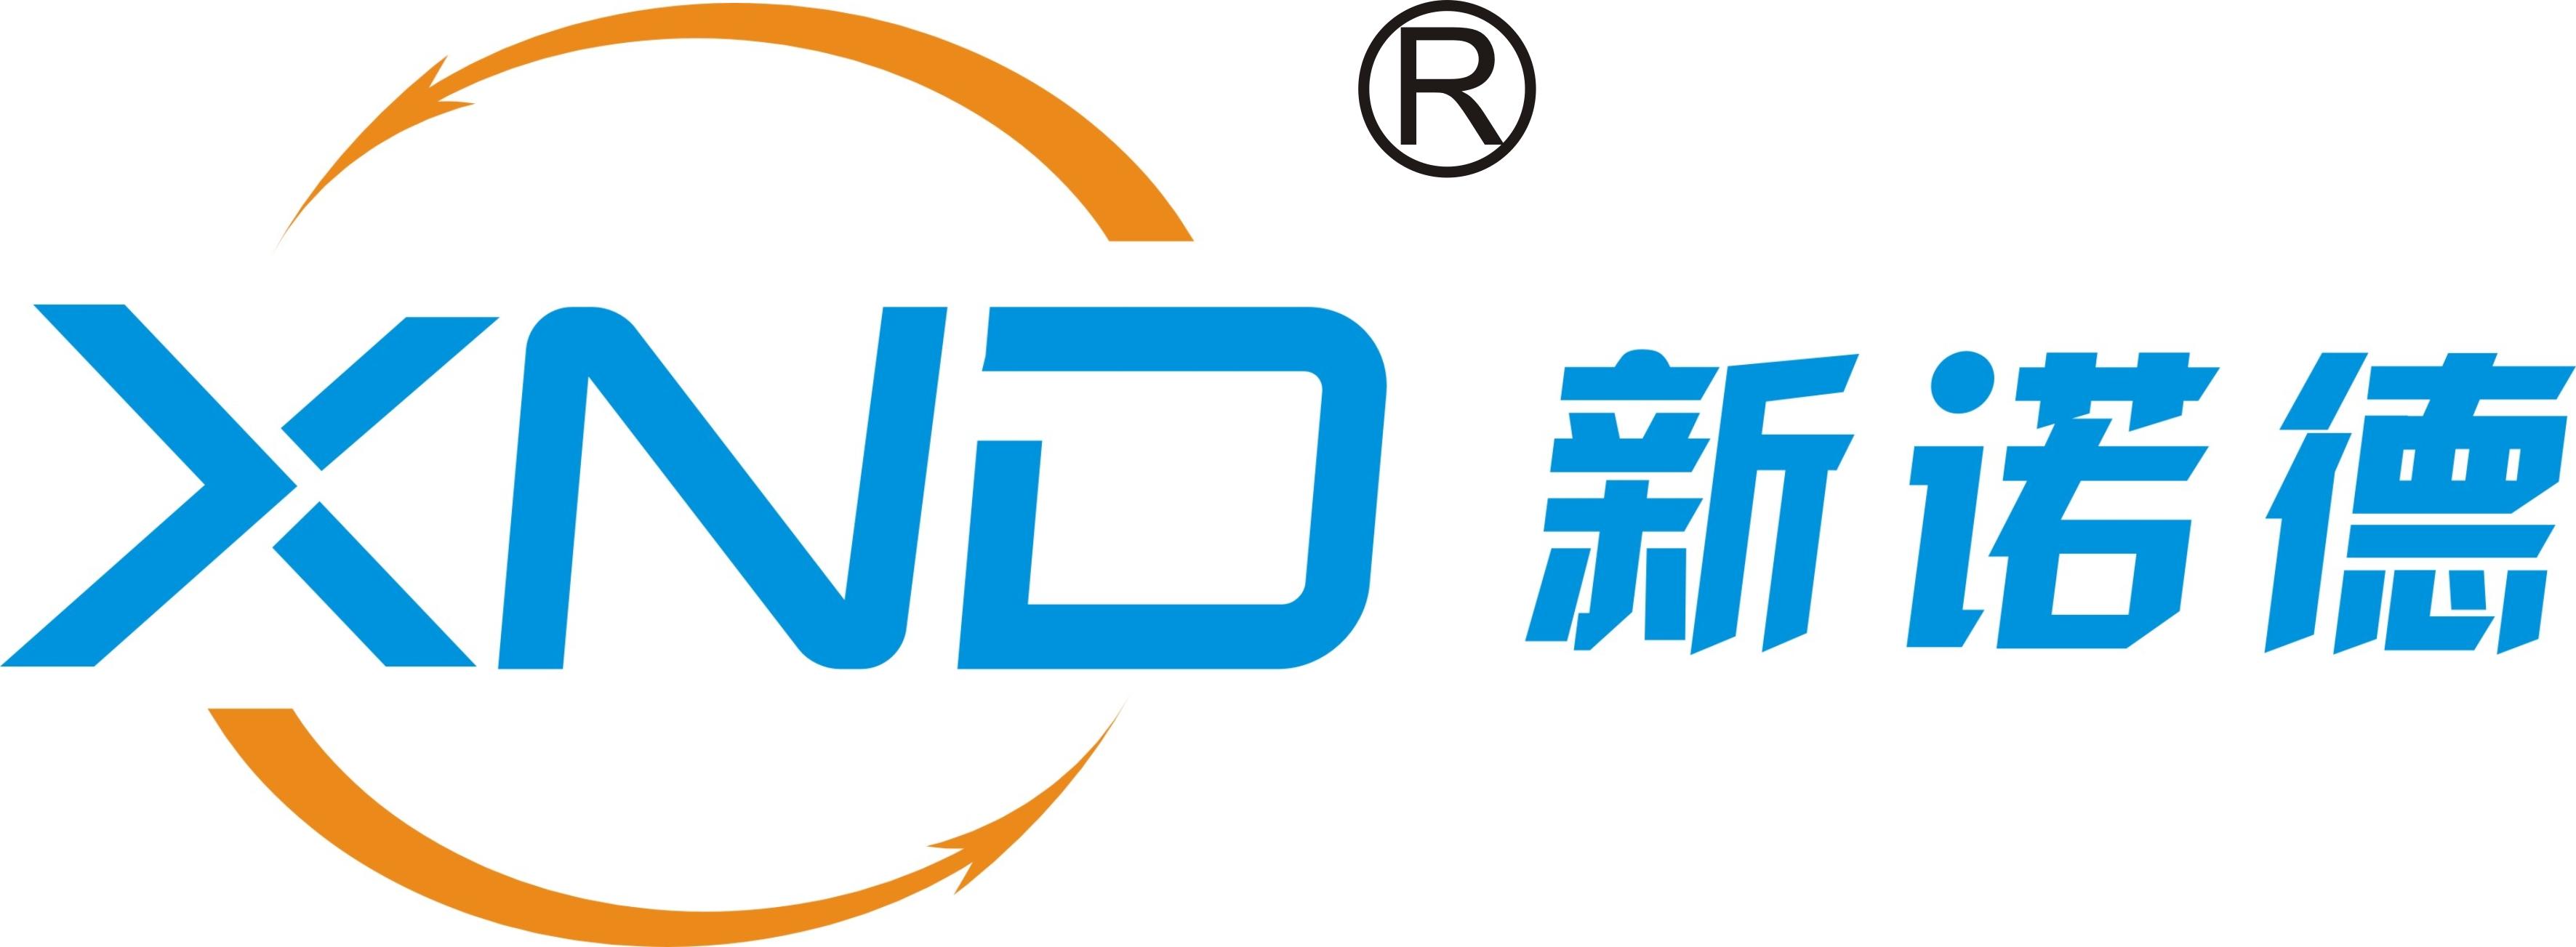 XND-新诺德